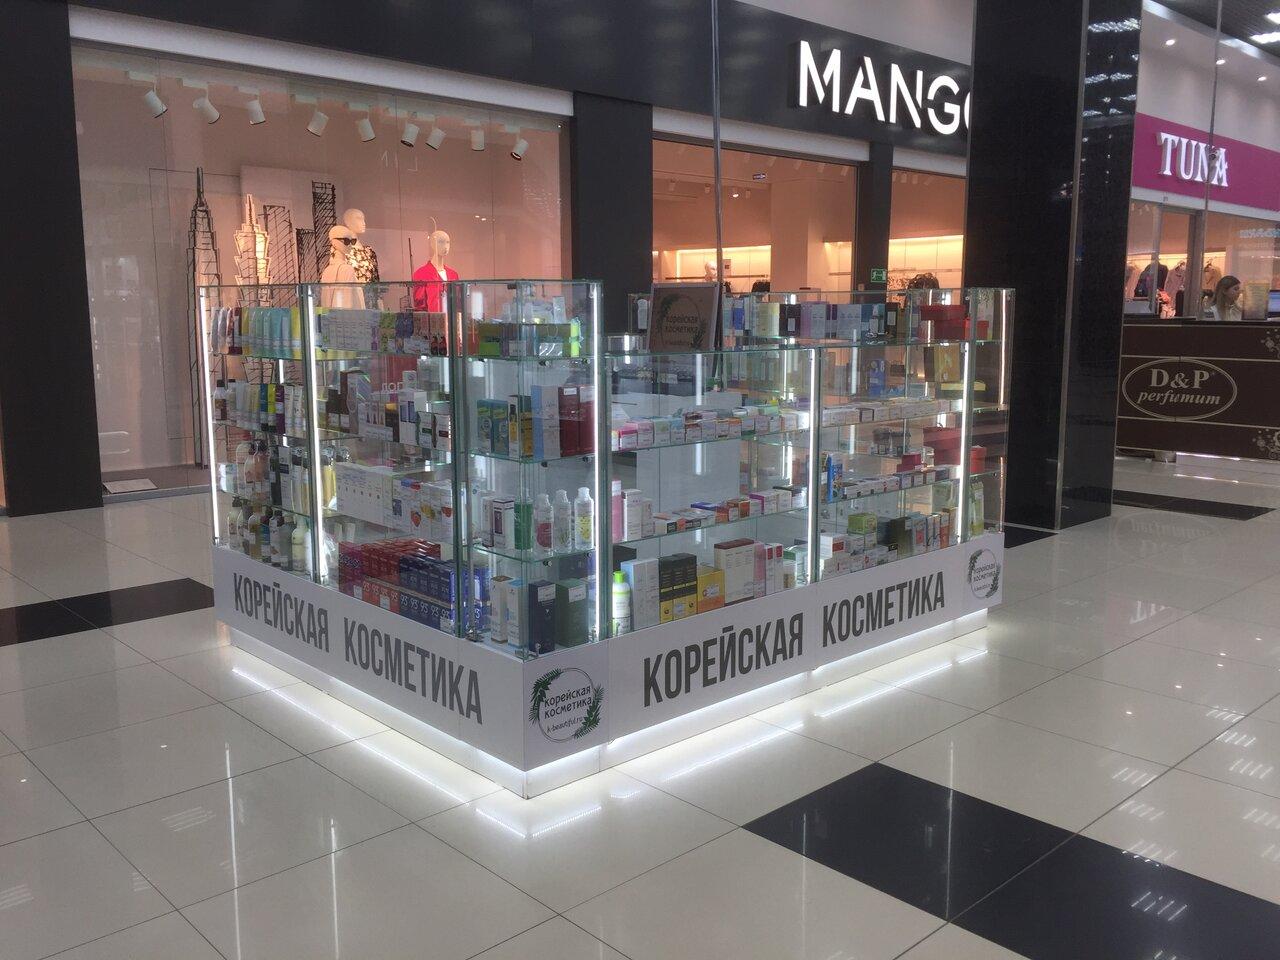 Купить корейскую косметику в саратове купить оригинальную косметику в интернет магазине